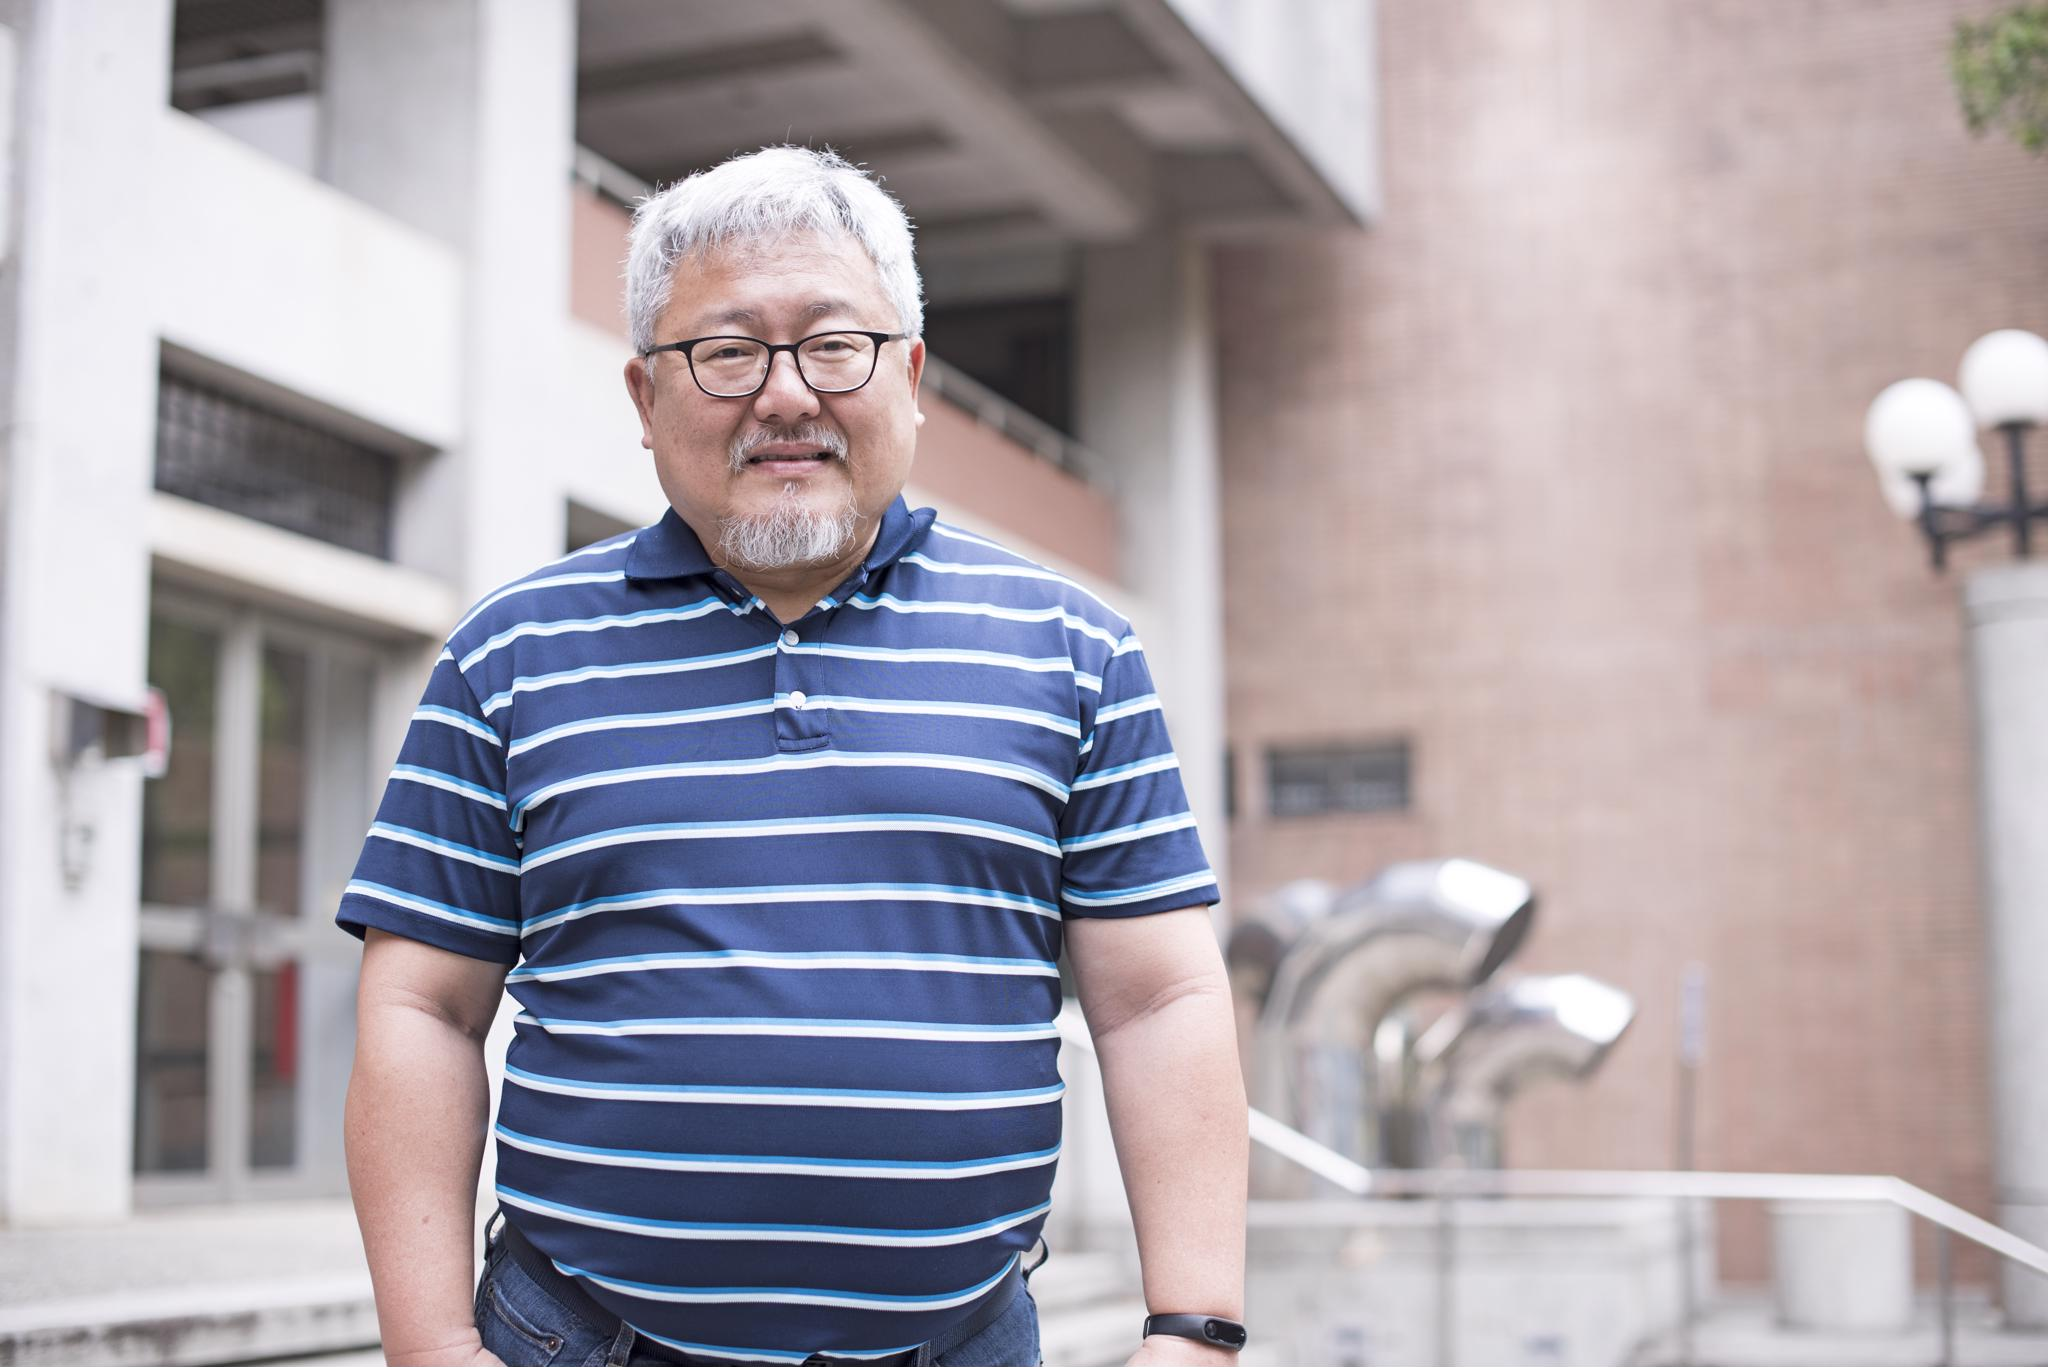 106教學特優教師專題報導─應數系鄭子韋:做有興趣的事,才會有成就!